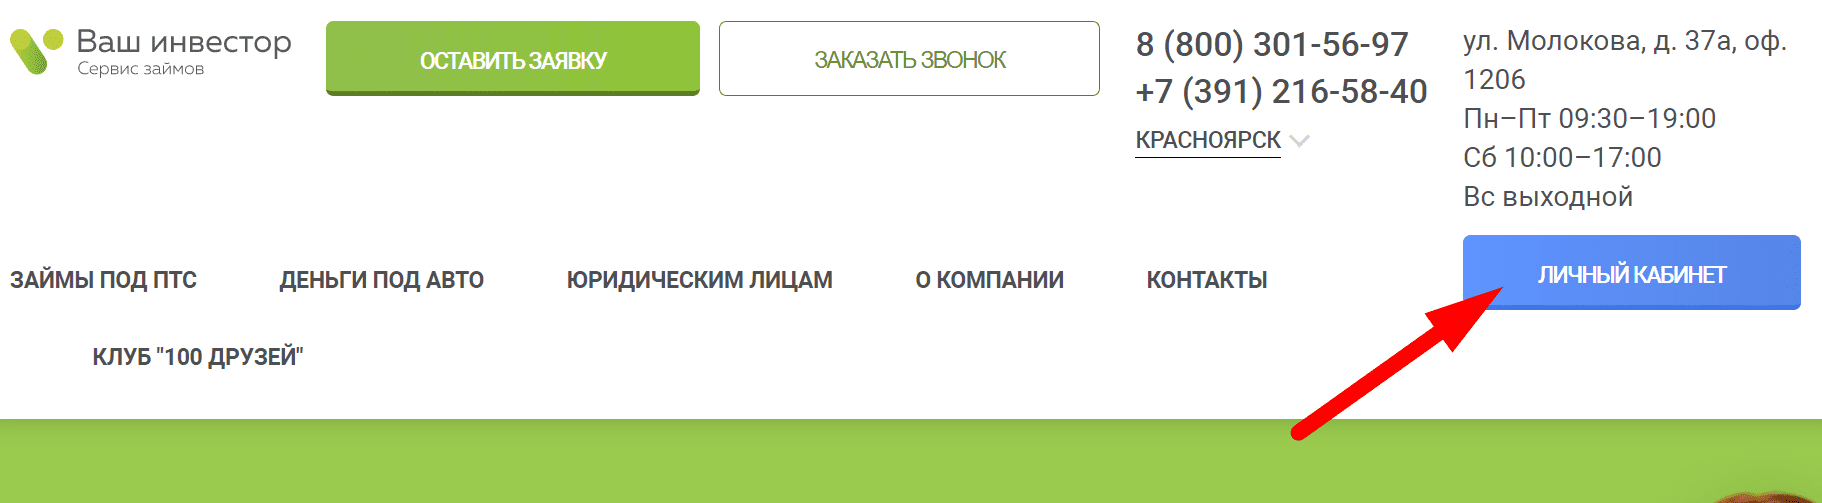 Ссылка на сайт займодателя «Ваш инвестор» в Красноярской области